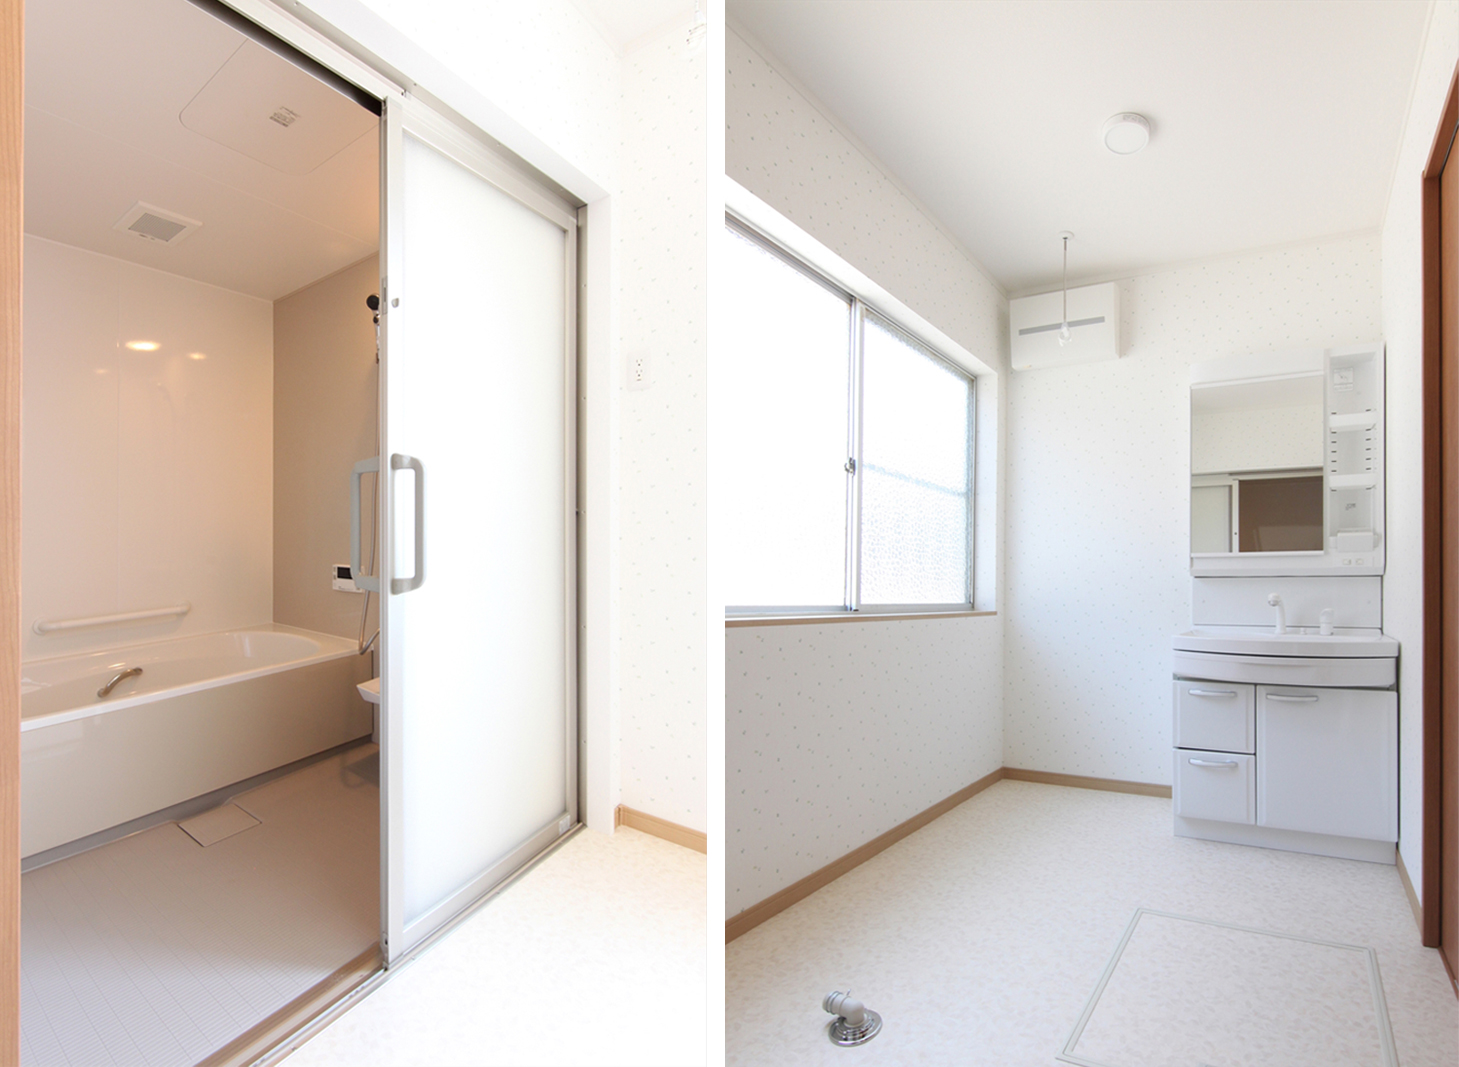 水まわりもゆったりと。バスルームも引き戸で段差無く入れます。